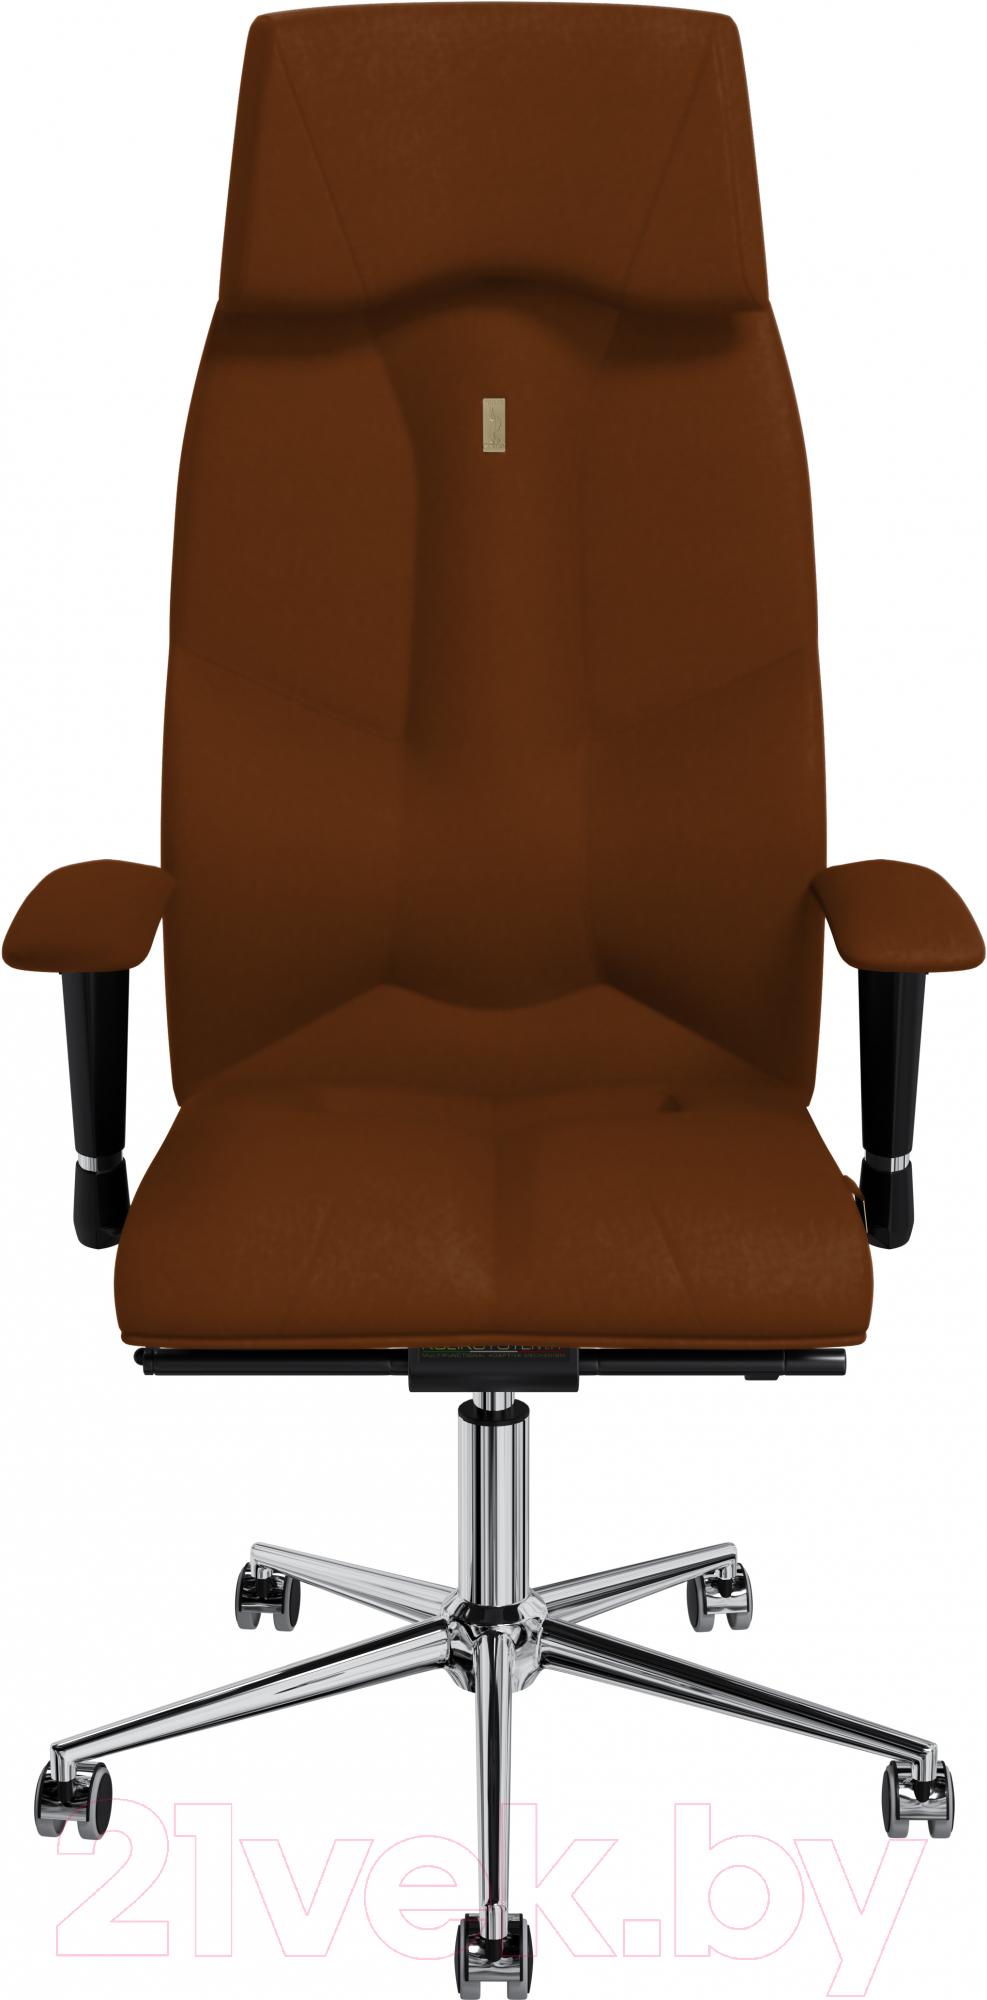 Кресло офисное Kulik System, Business экокожа (коричневый с подголовником), Украина, Business (Kulik System)  - купить со скидкой